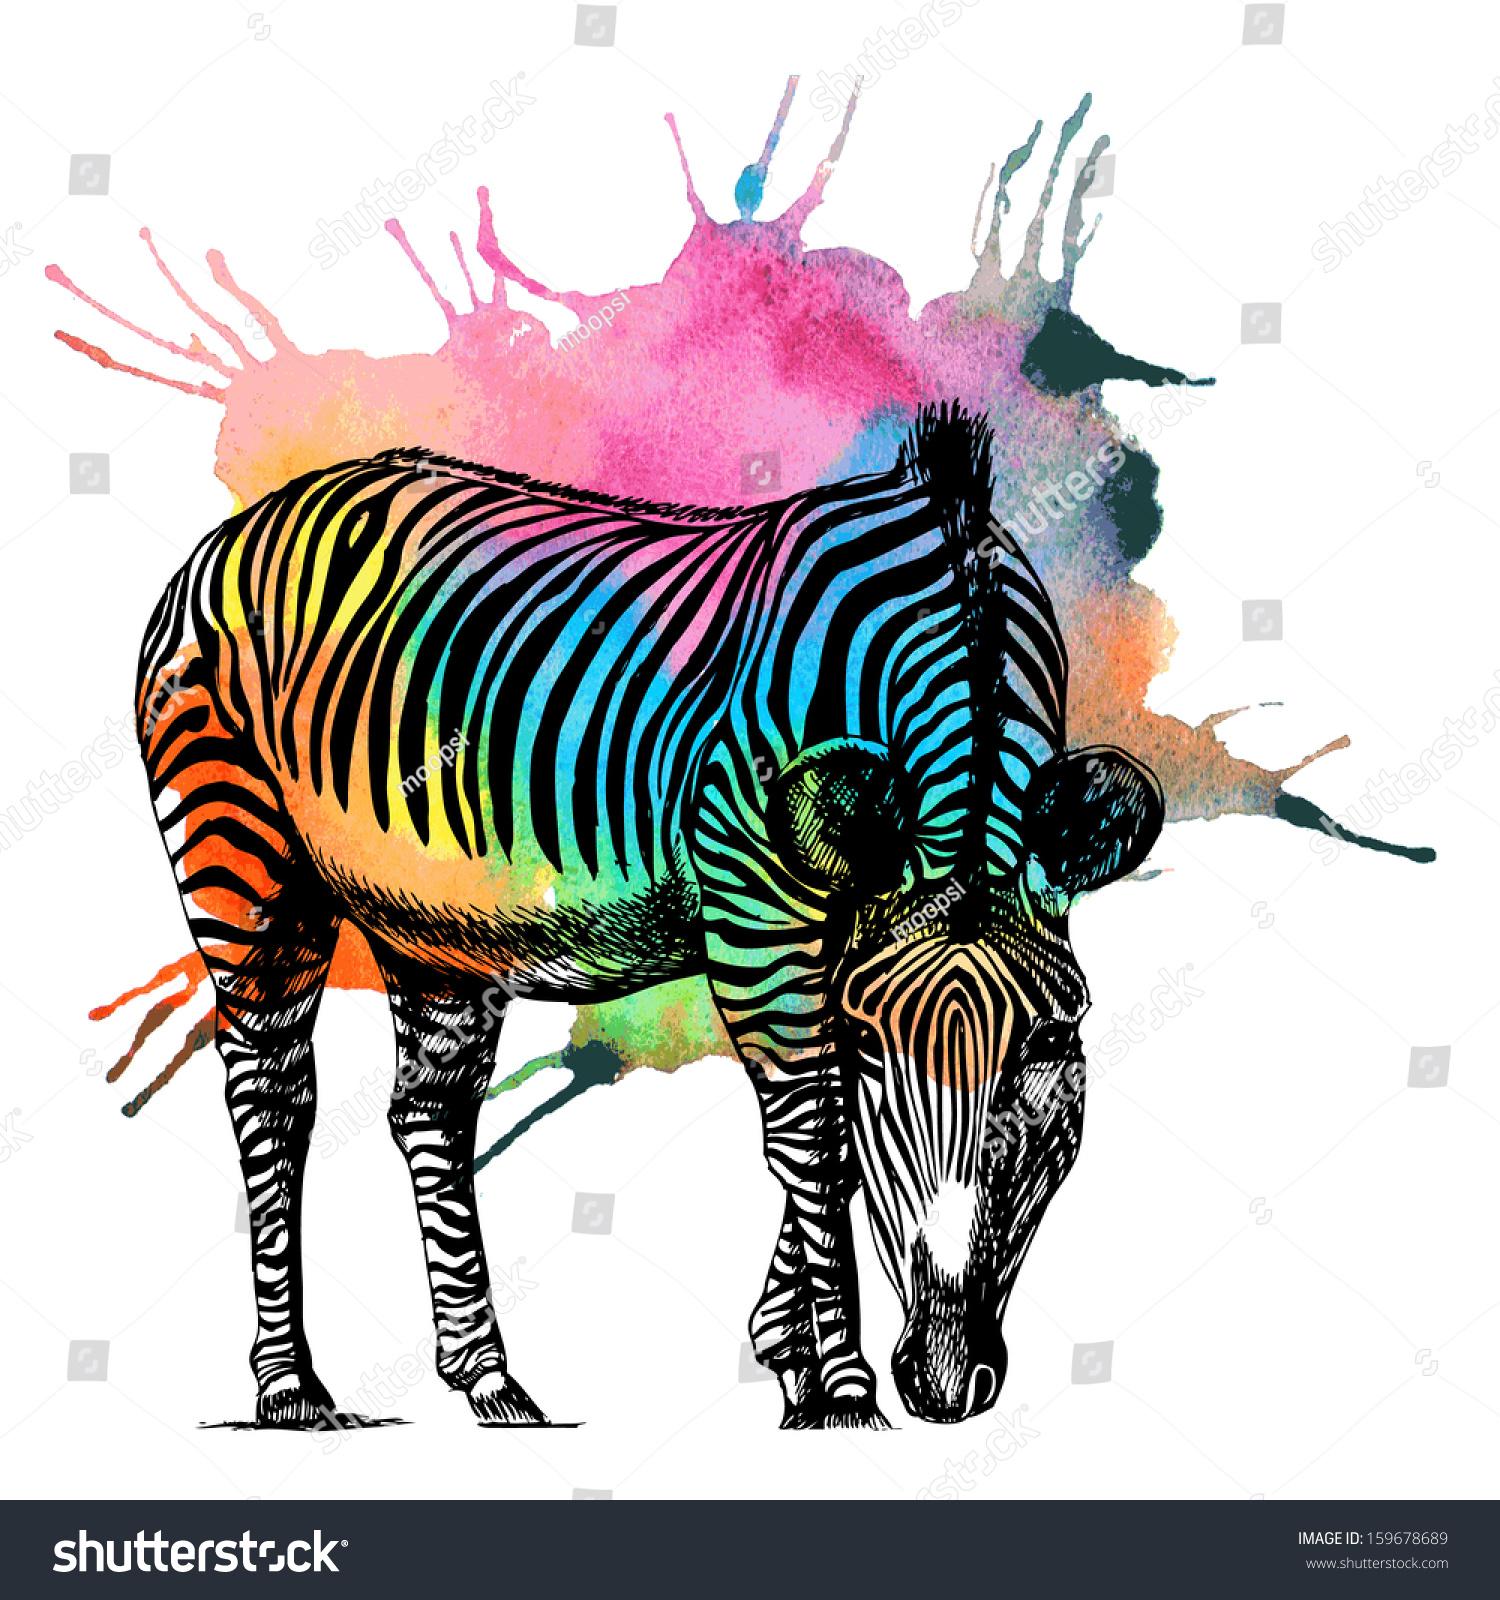 зебры в большом разрешении